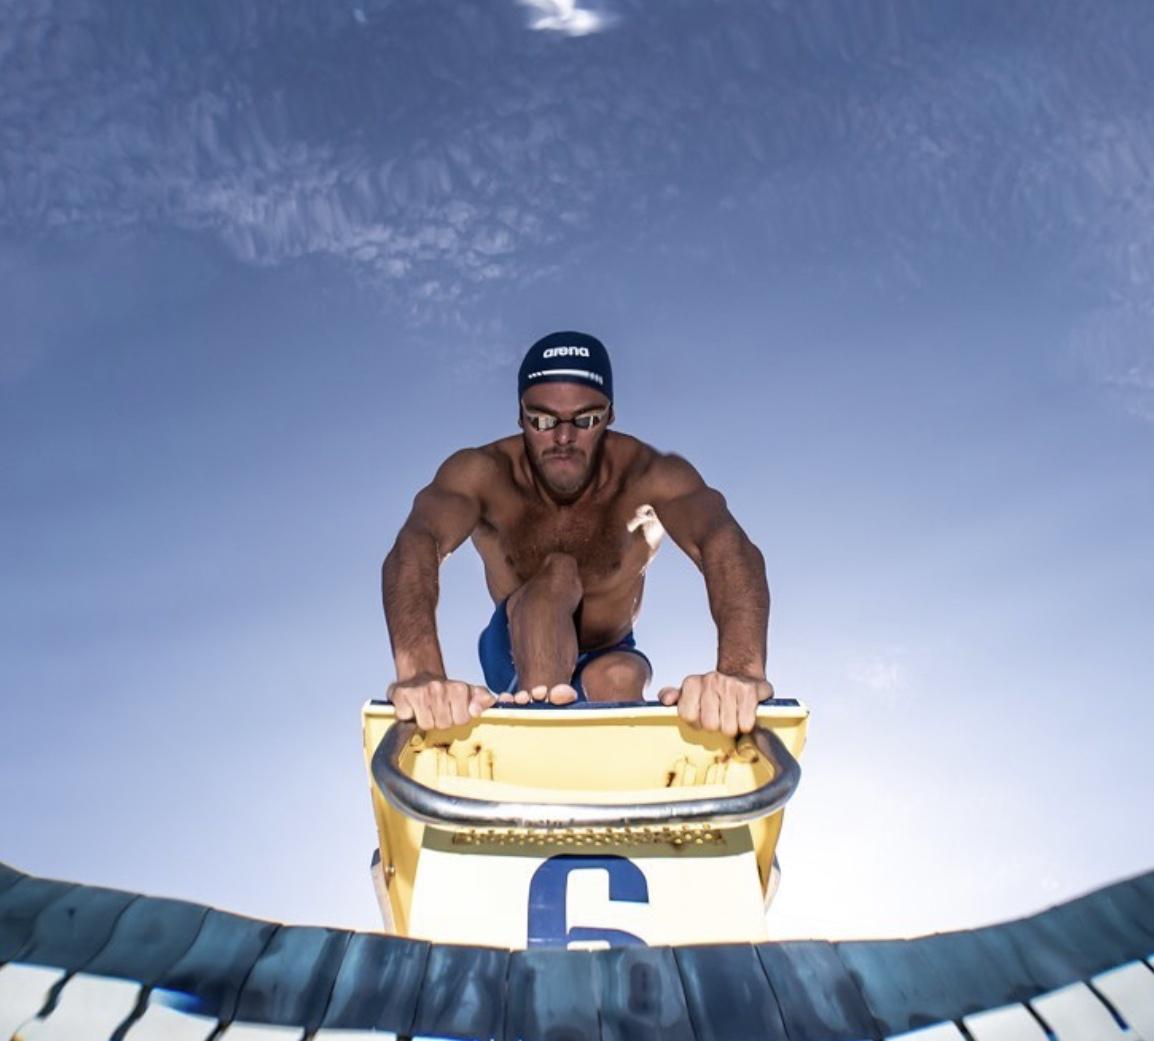 چگونه با شنا وزن خود را کم کنیم؟ (بخش دوم) ترکیب تمرینهای مختلف شنا